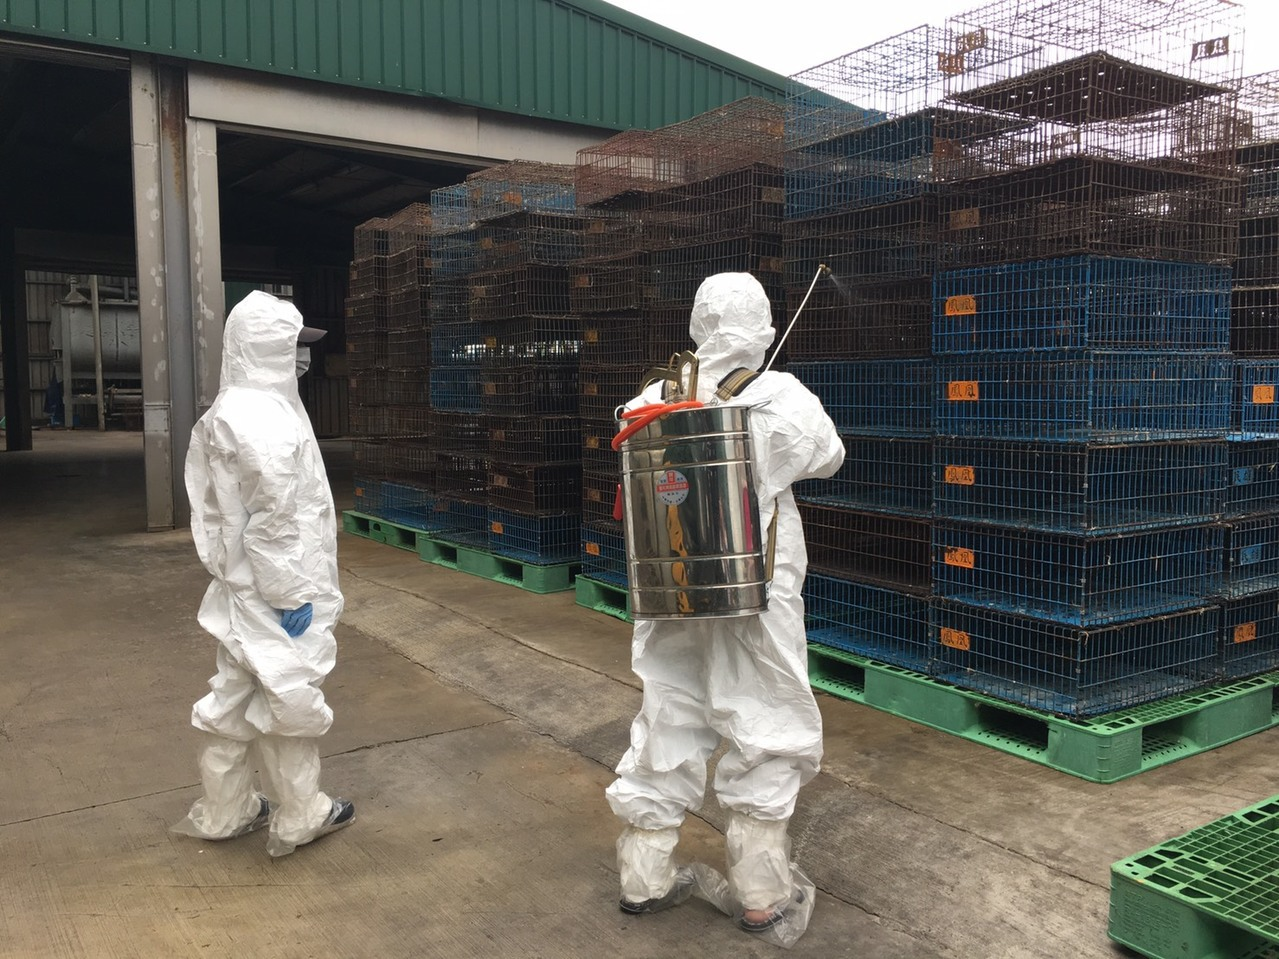 嘉義紅羽土雞送桃園屠宰感染H5N2亞型高病原性禽流感,市政府動保處接到通報,立即...